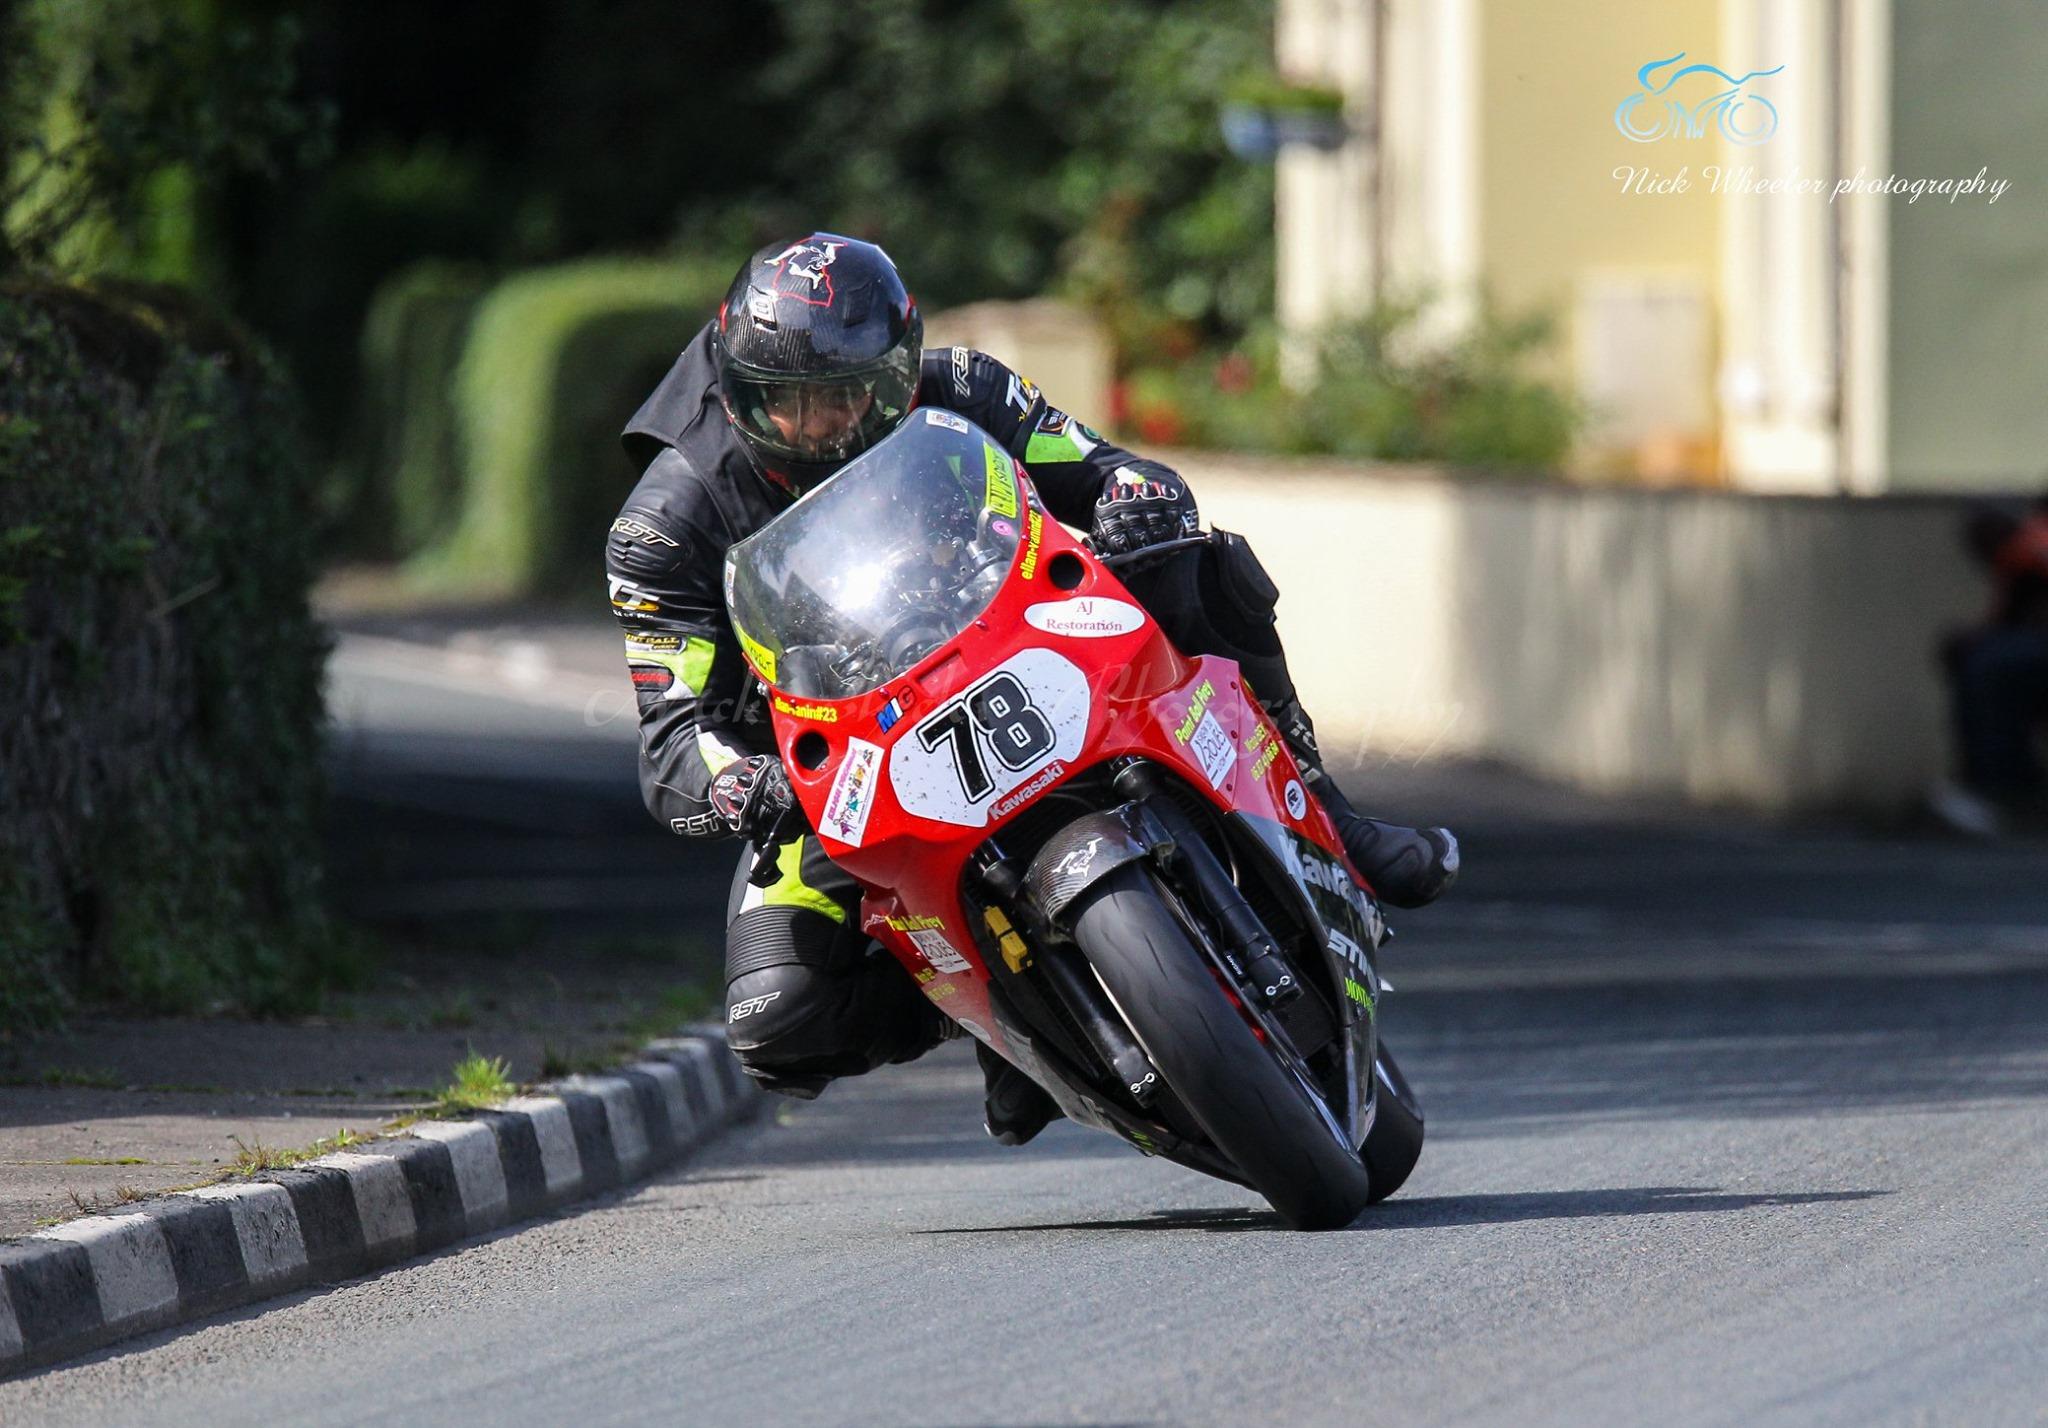 Manx GP Top 6: Richard Vuillermet